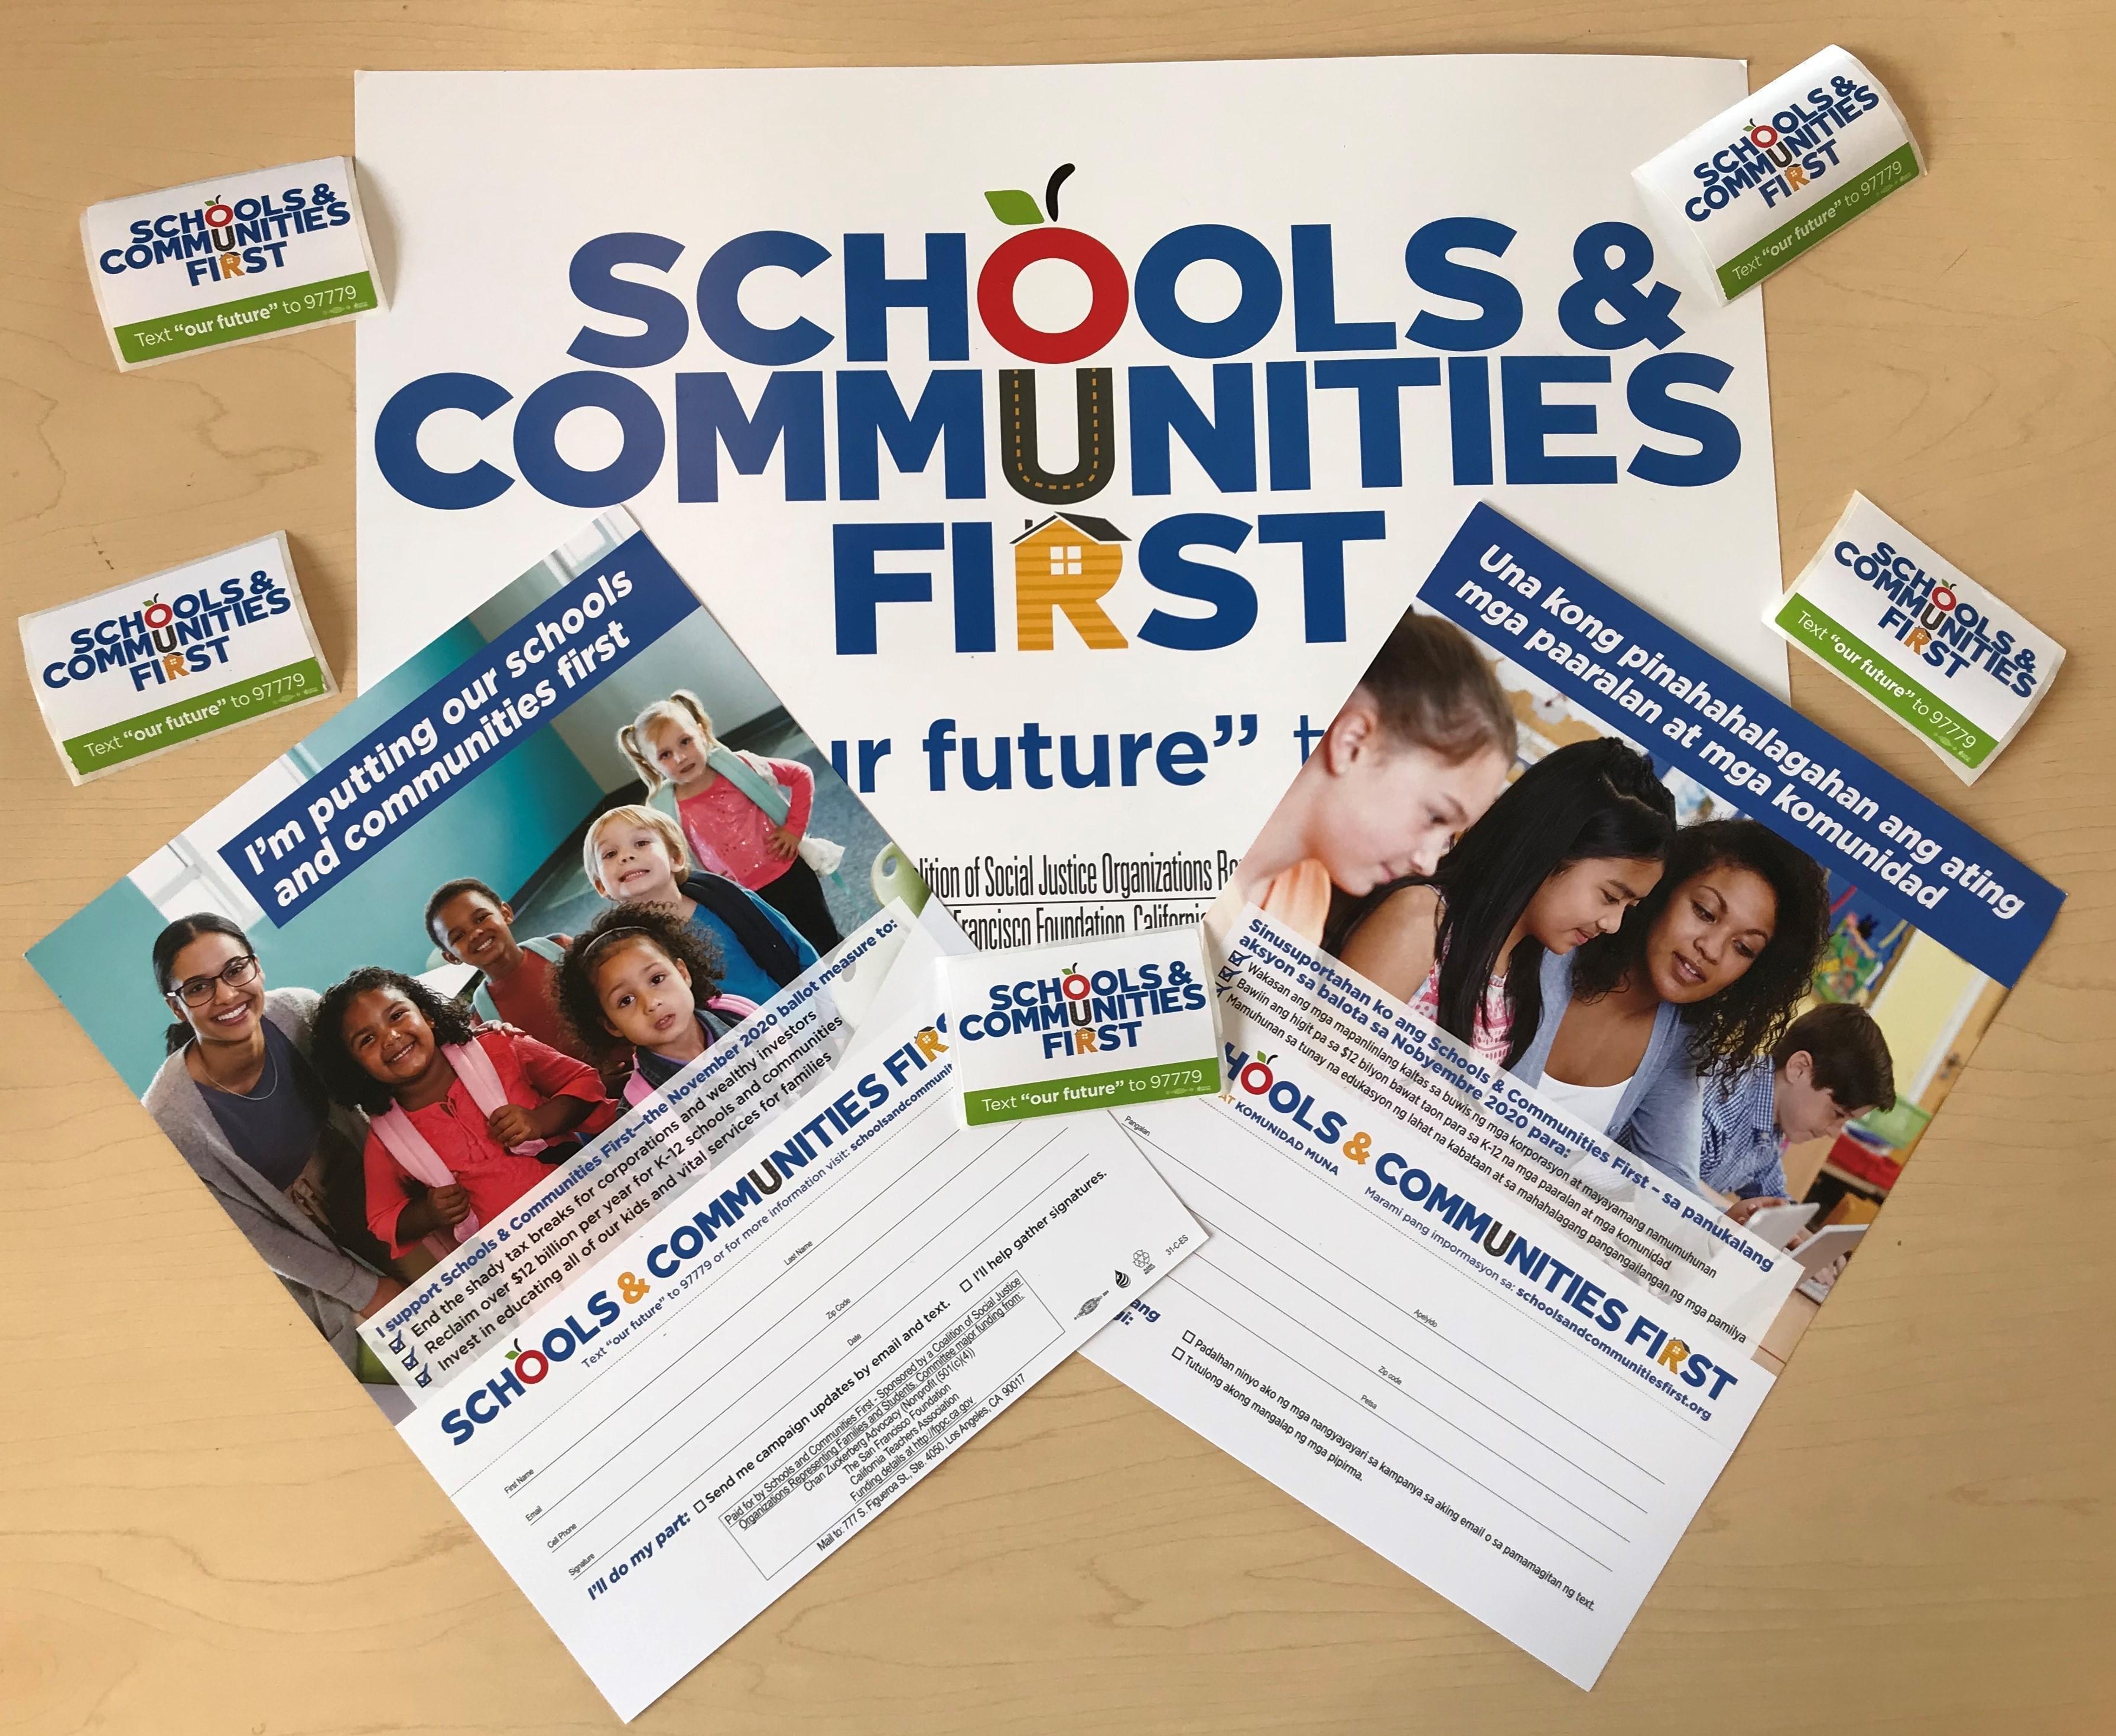 Schools & Communities First outreach materials